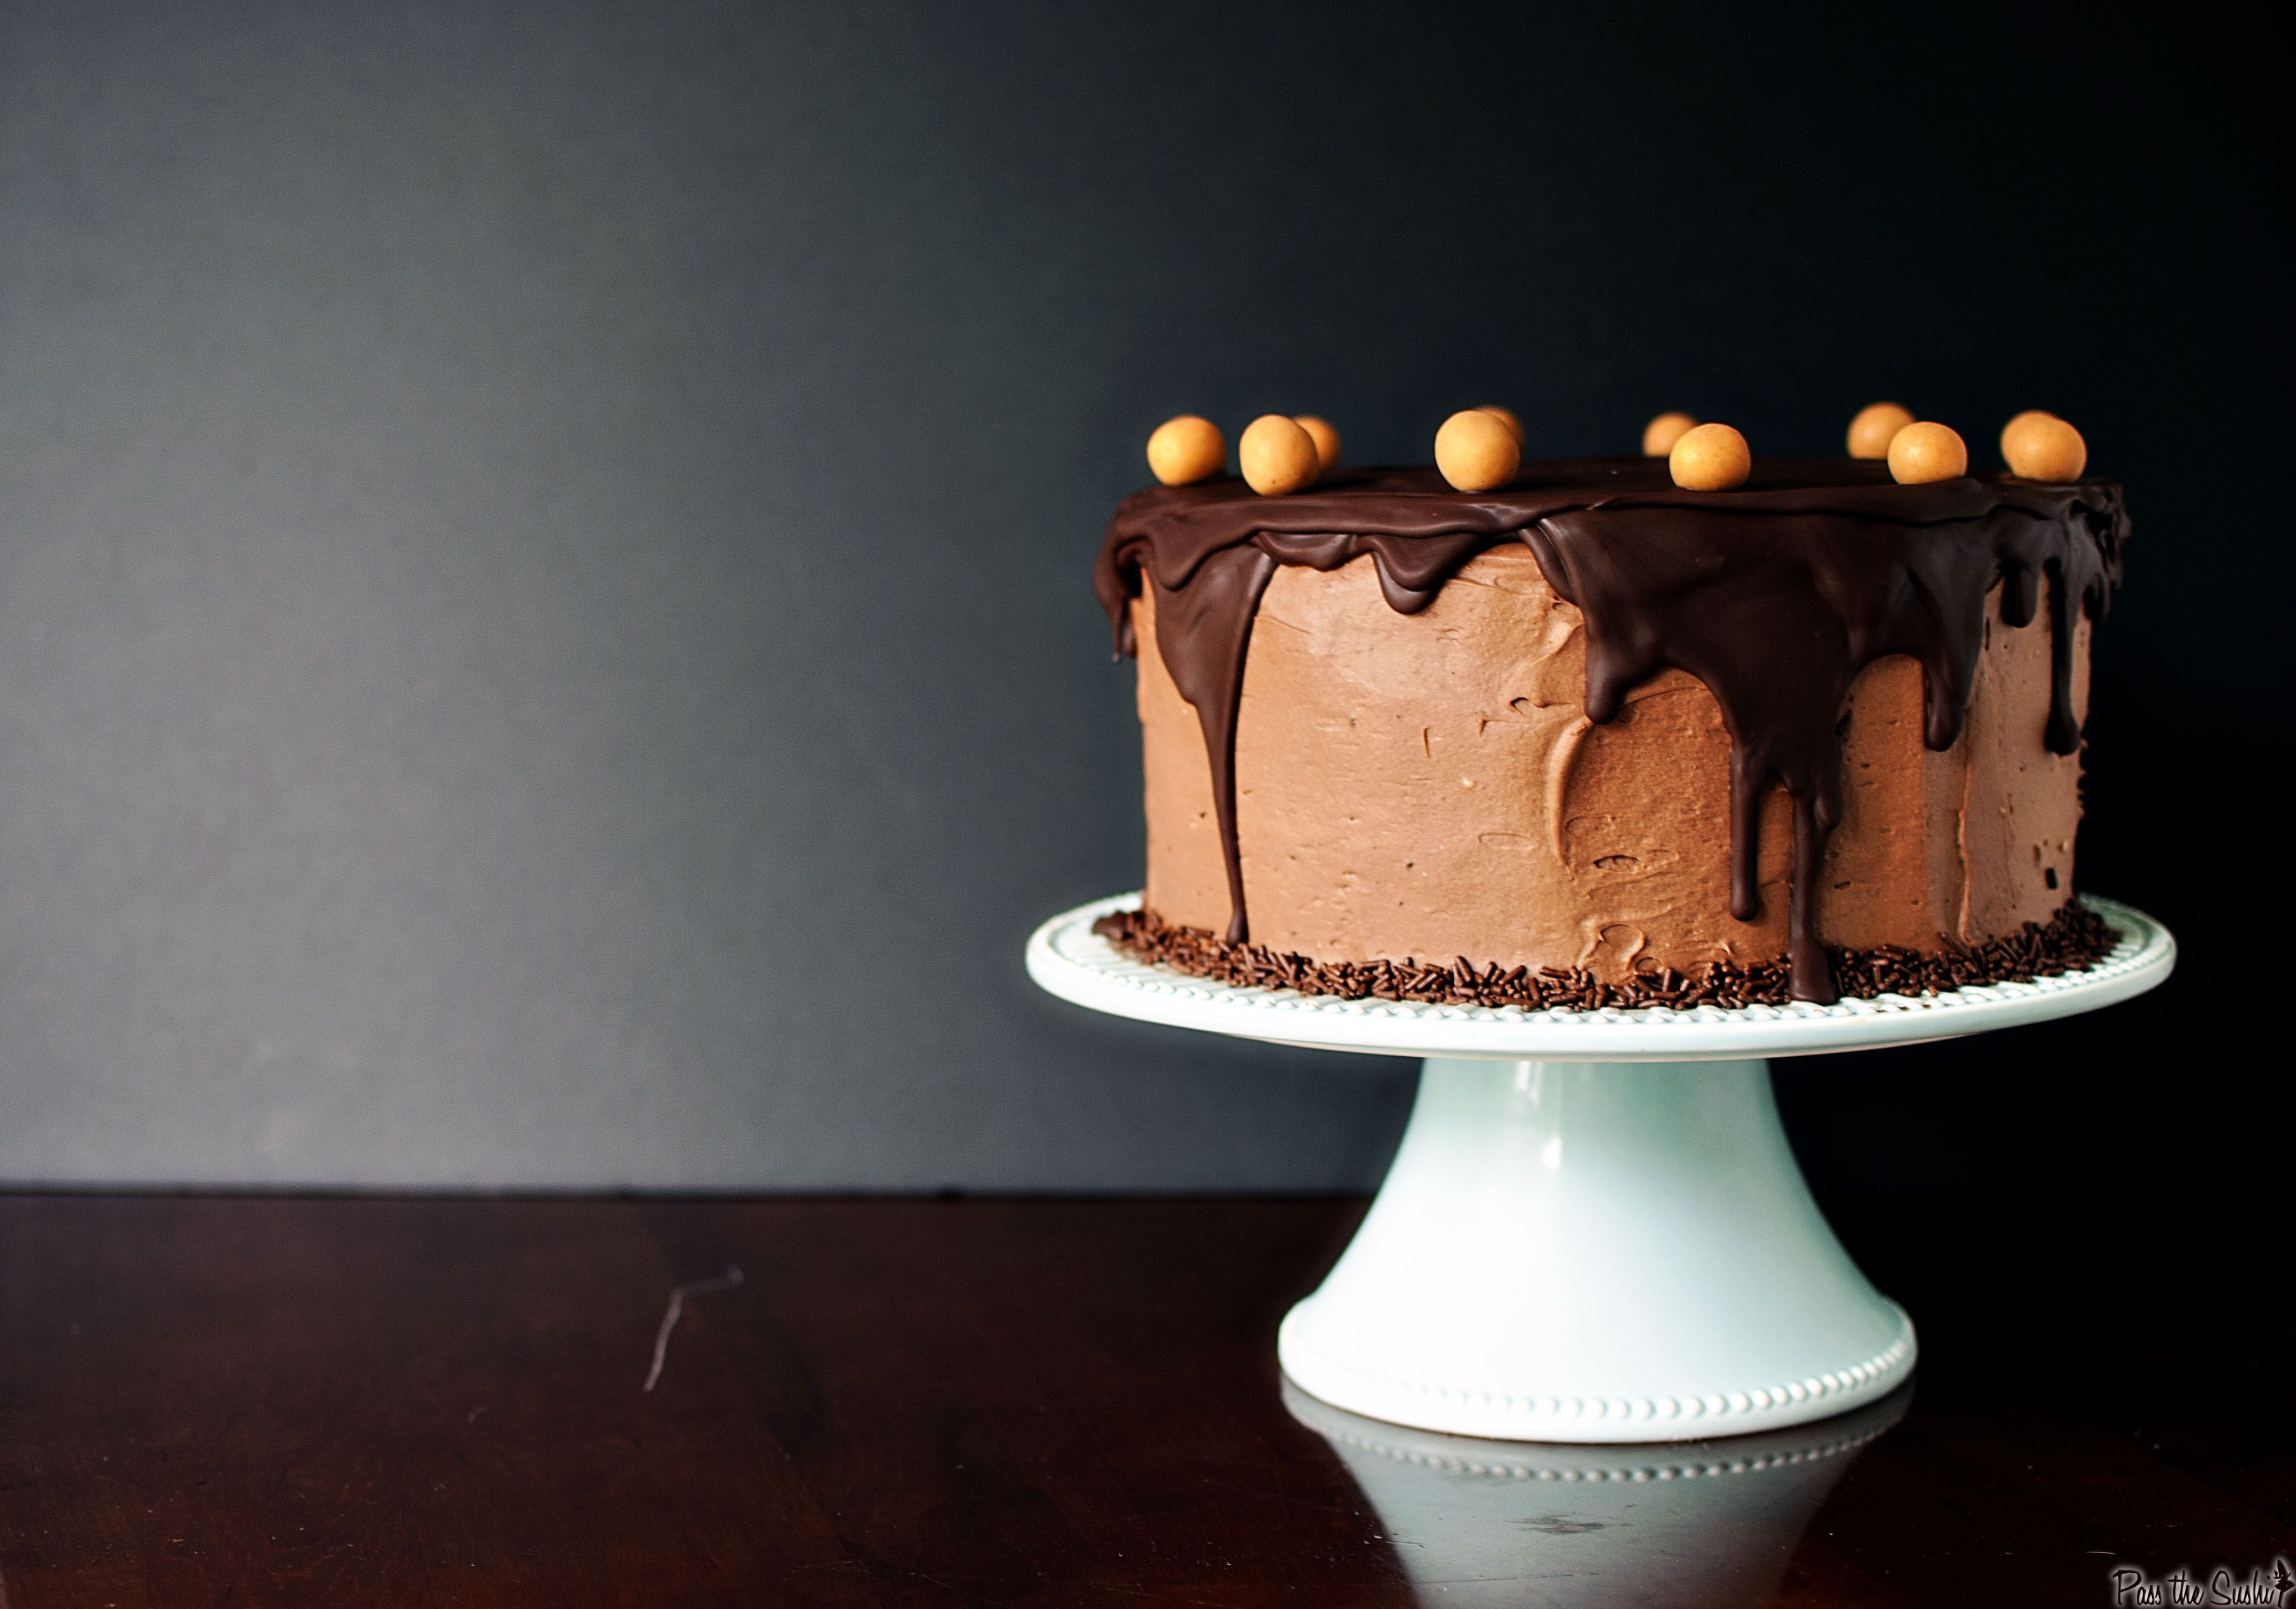 Chocolate Peanut Butter Birthday Cake quils mangent de la brioche